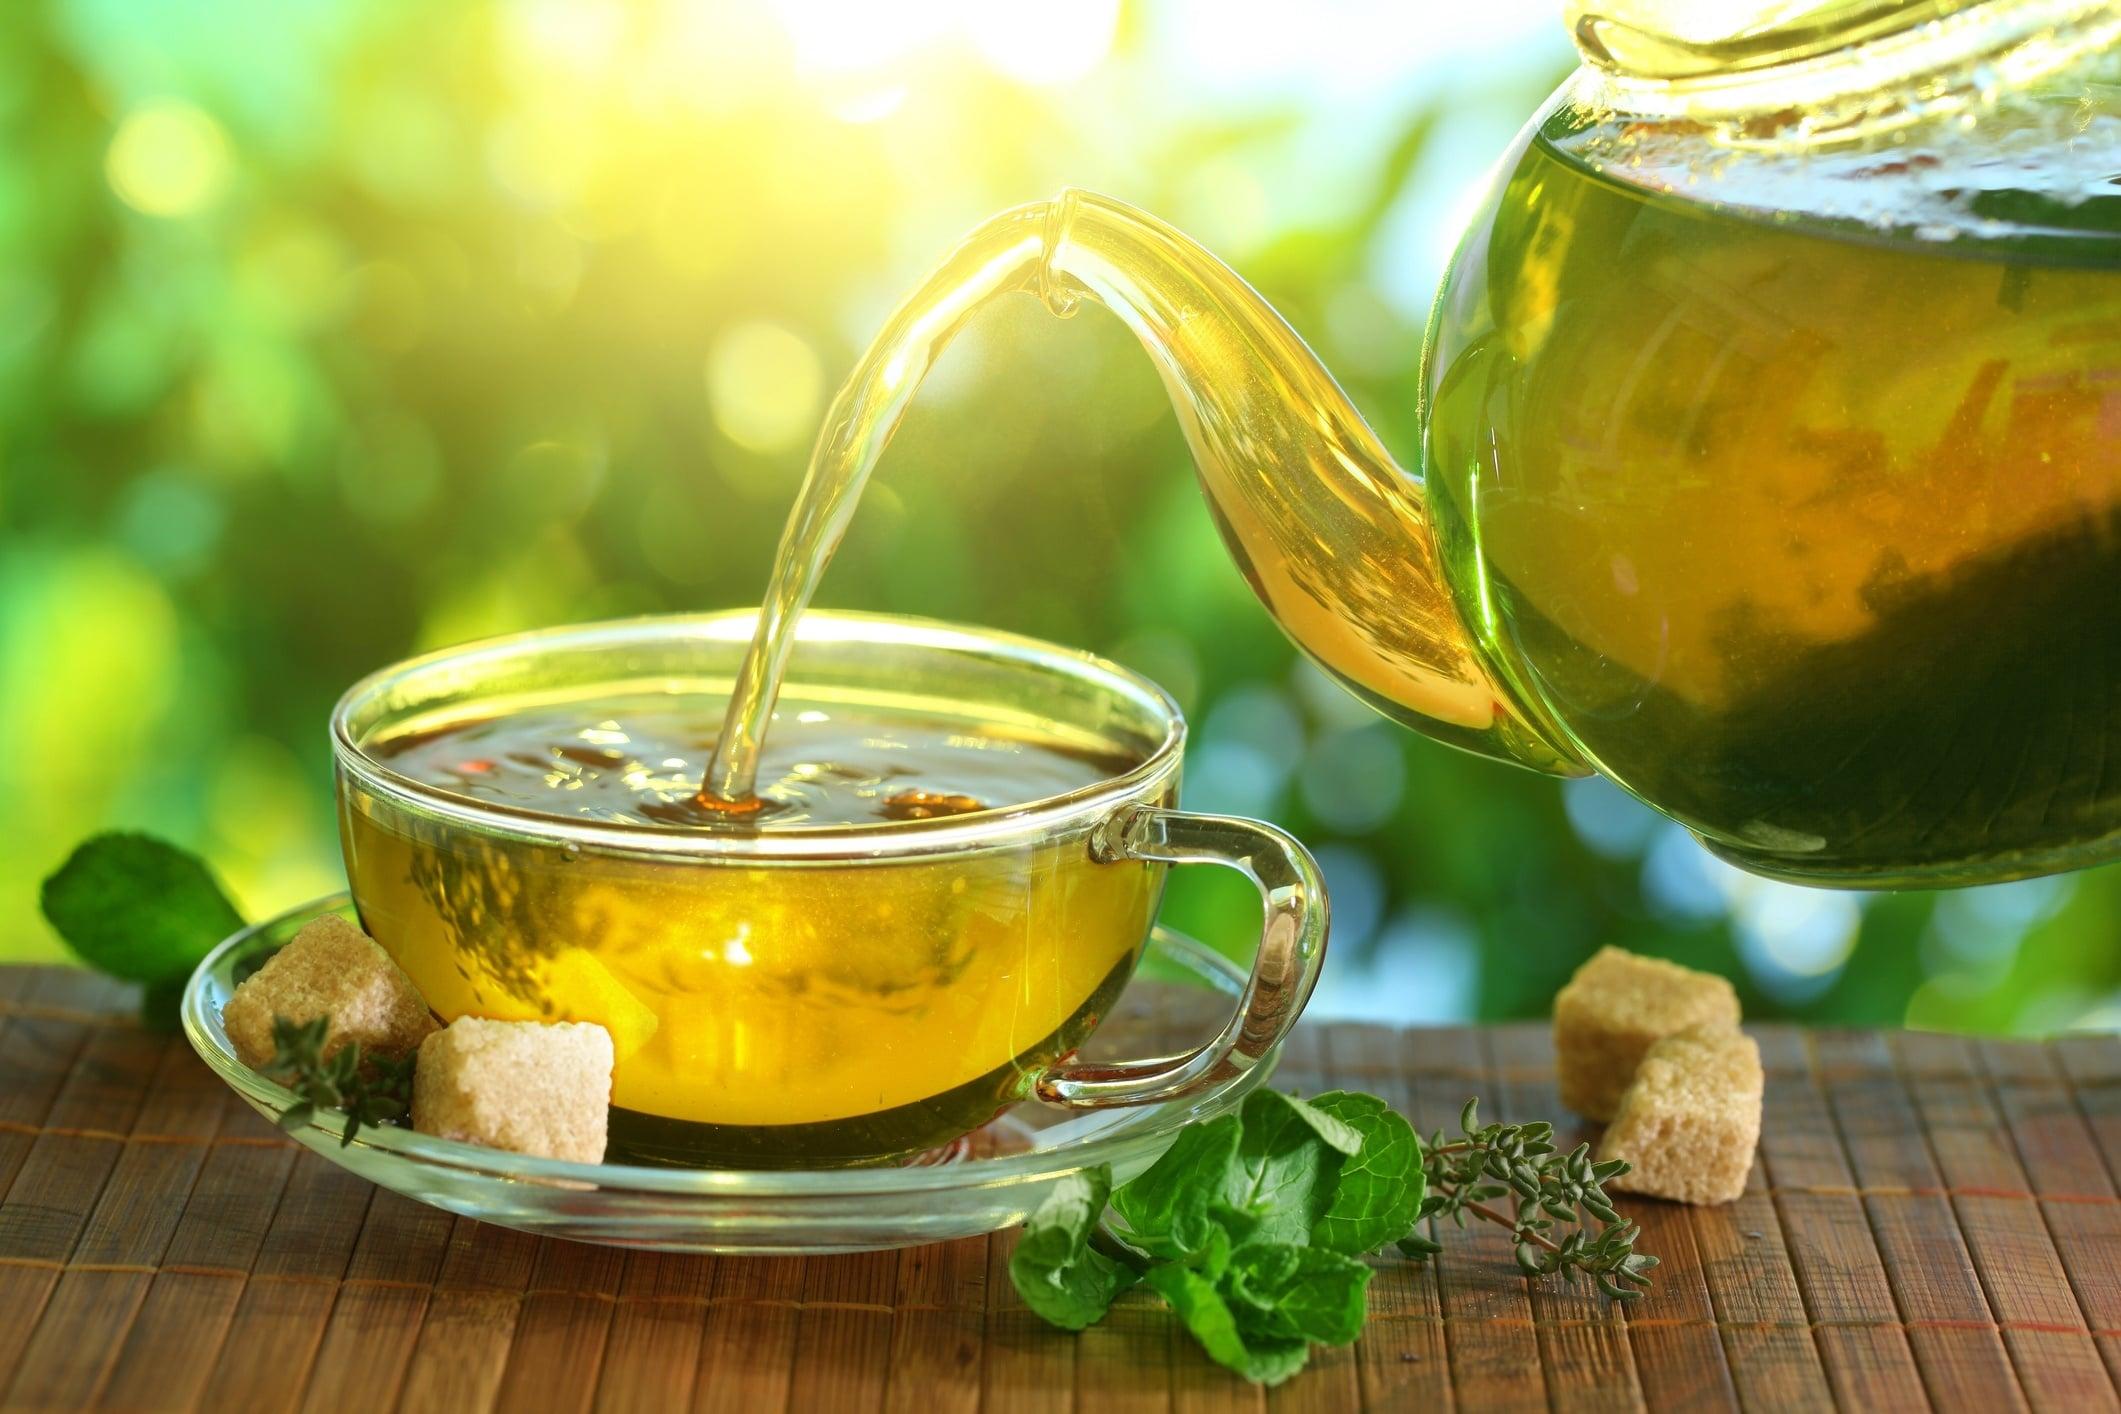 Grønn te er sundt